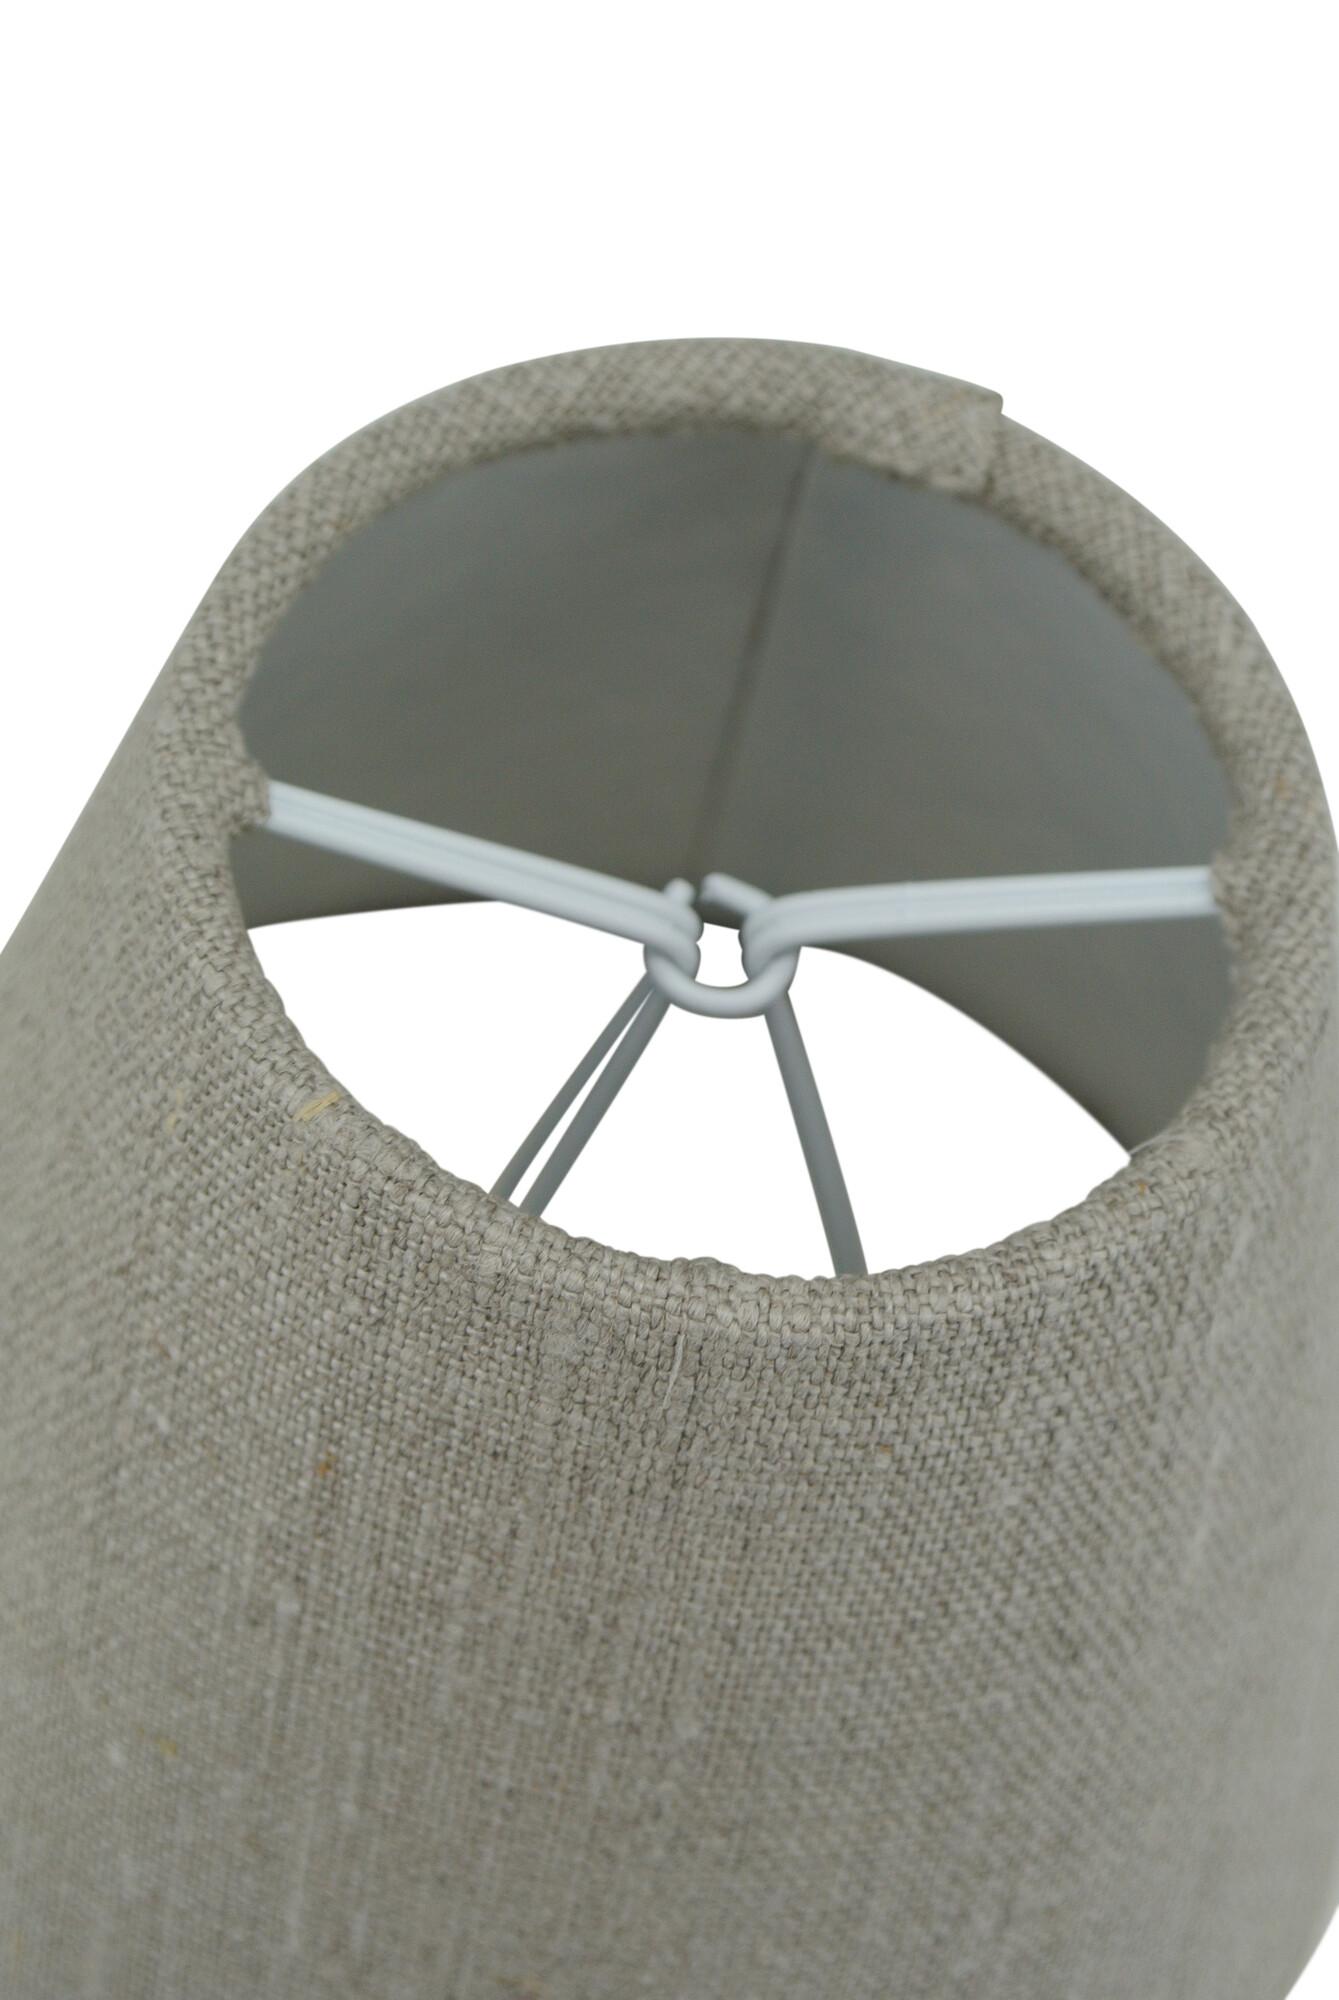 KAP Kap 140x140x110 Textiel Beige